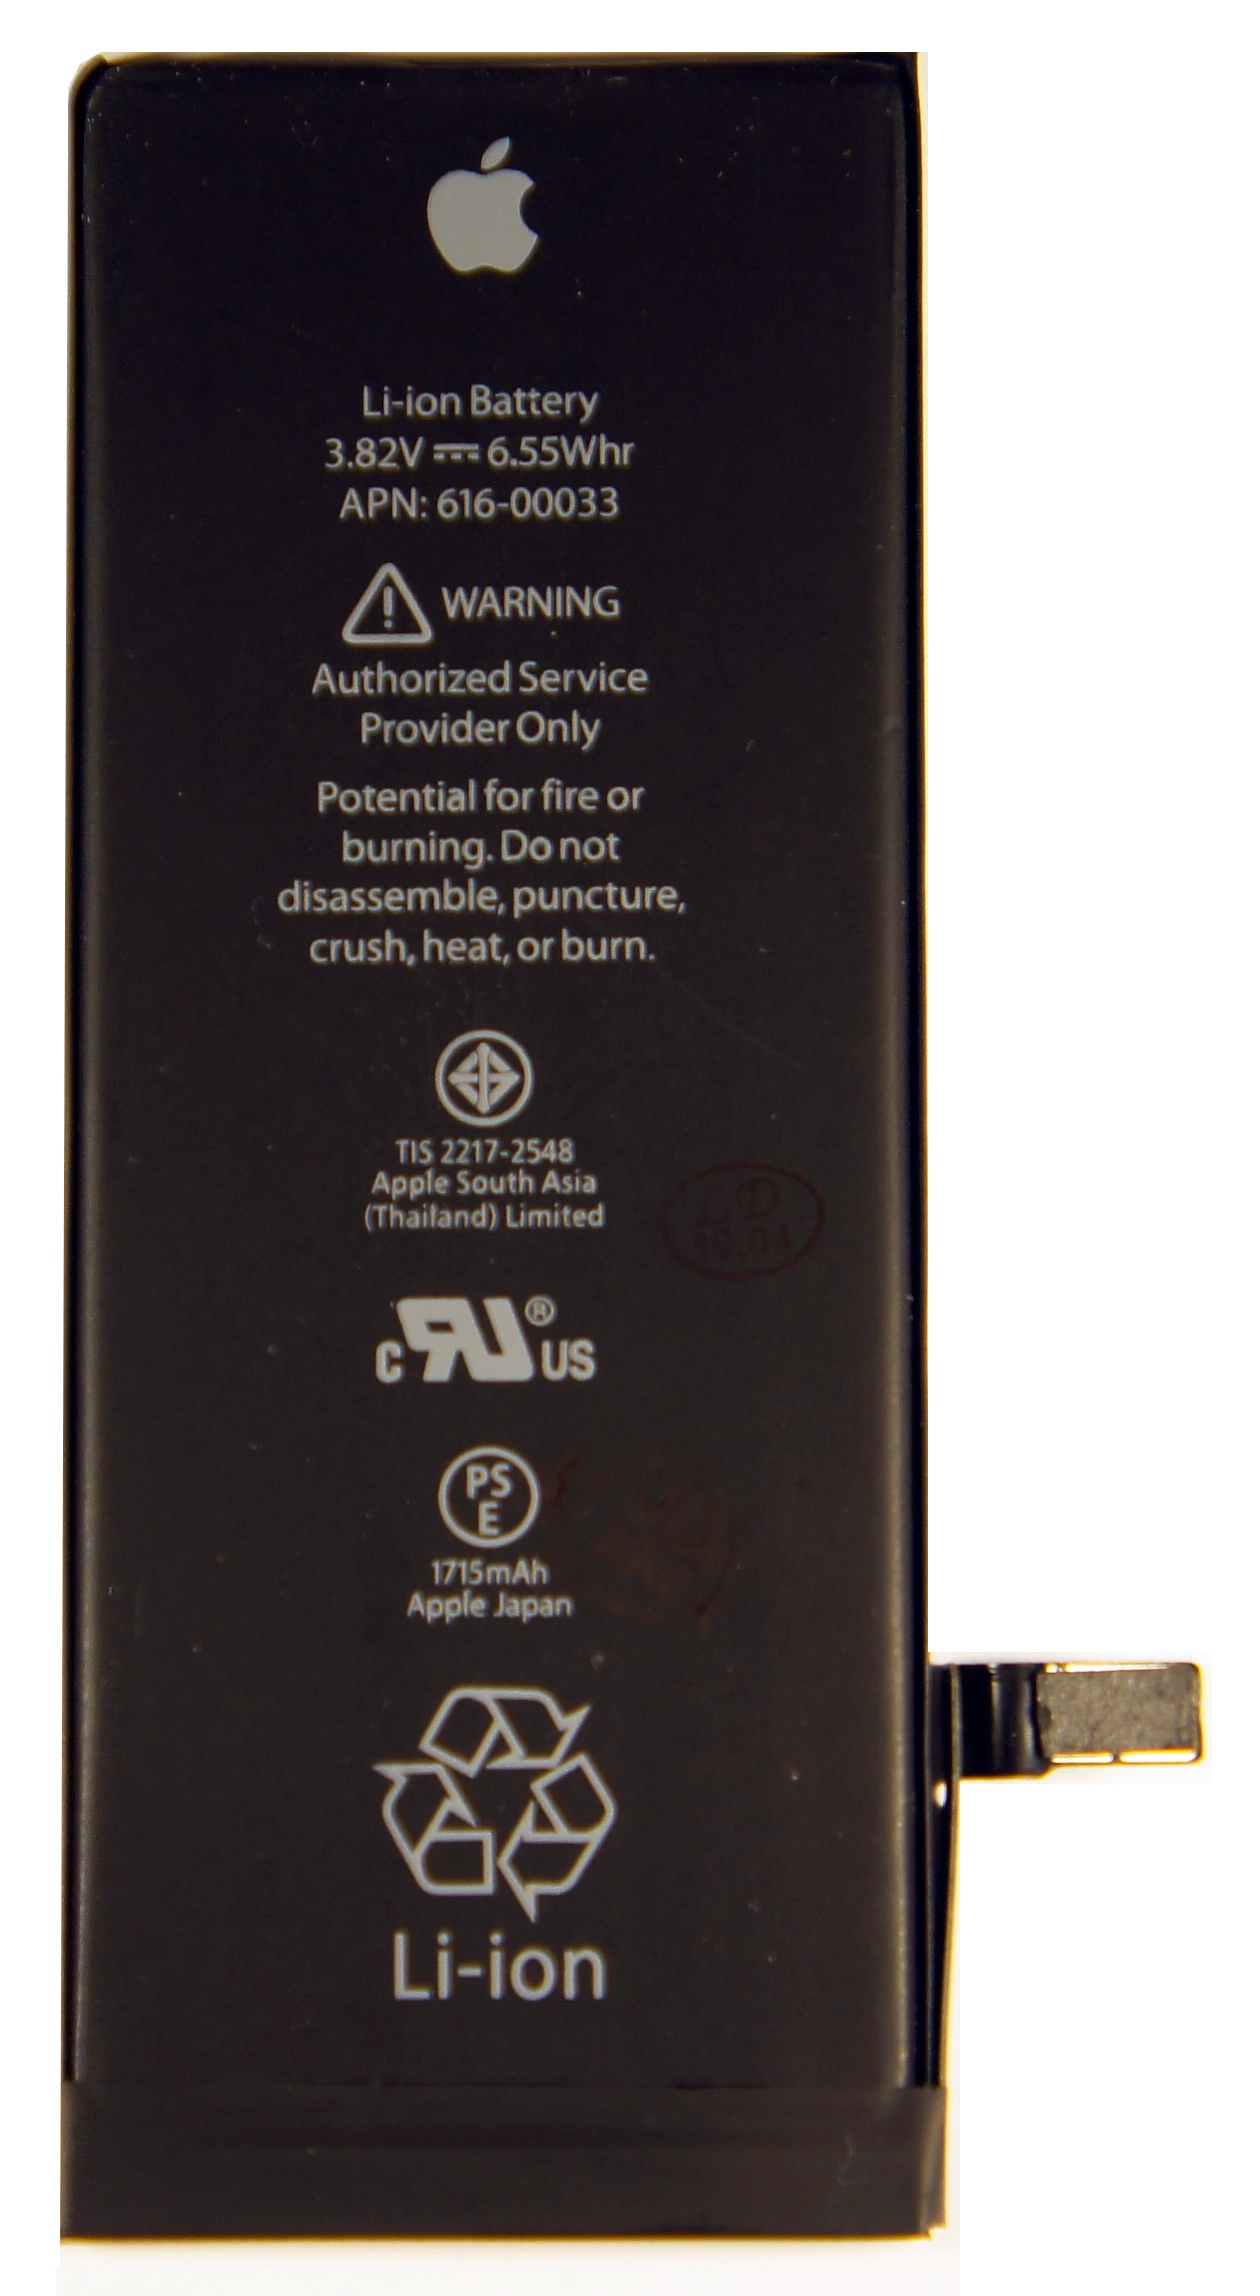 Аккумулятор для телефона Apple iPhone 6S (616-00033) 1715mAh аккумулятор для телефона craftmann для apple iphone 6 с повышенной ёмкостью до 2170 mah 616 0807